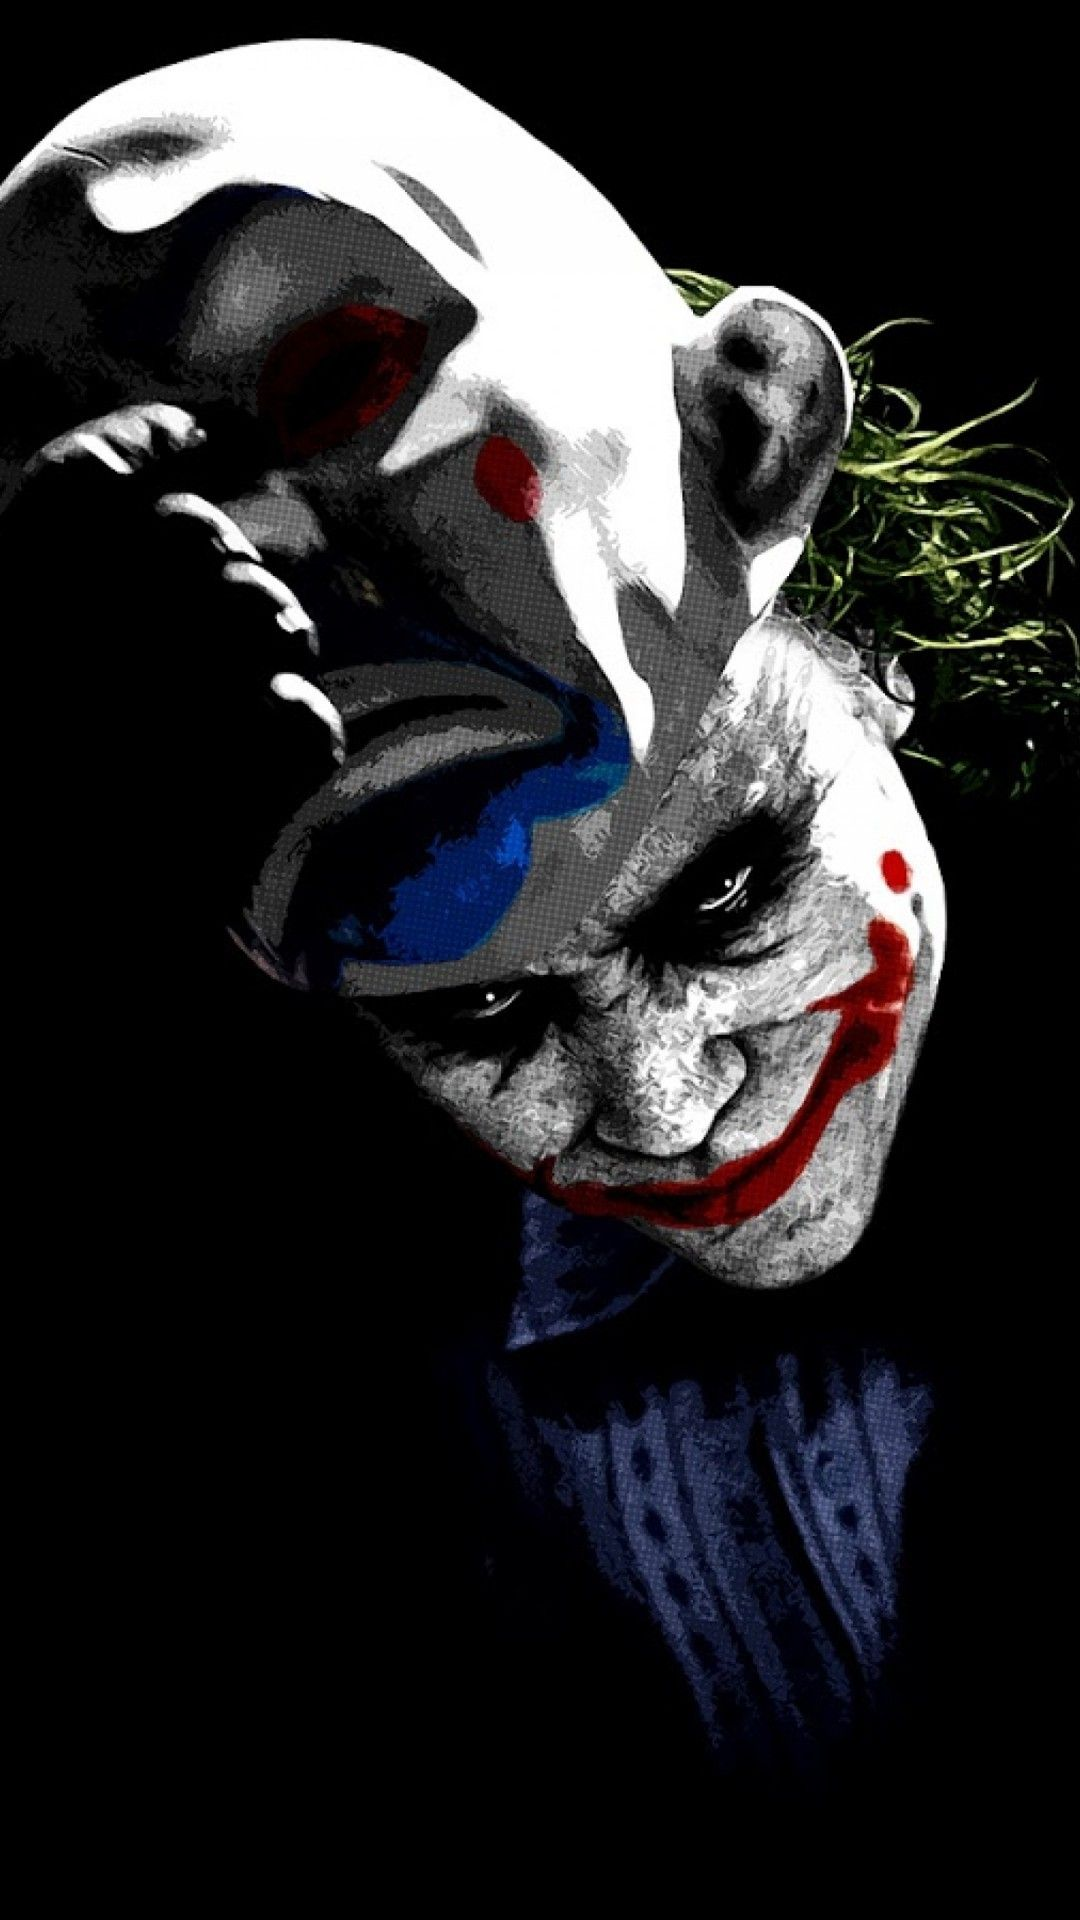 Free Iphone Wallpaper Tumblr Wallpapers Joker Screensaver